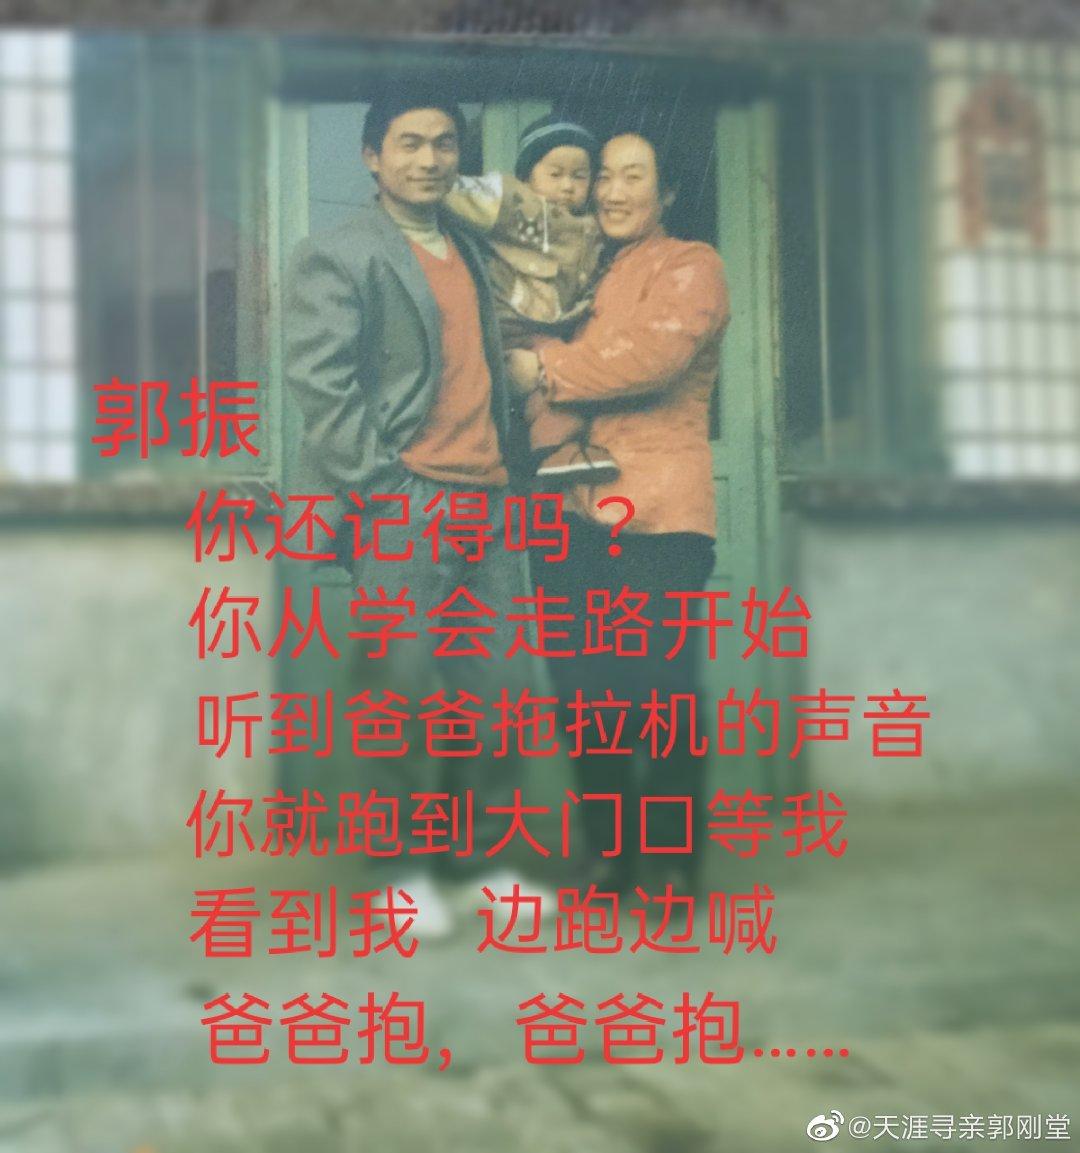 《失孤》原型被拐24年的儿子几天前在河南找到,即将认亲